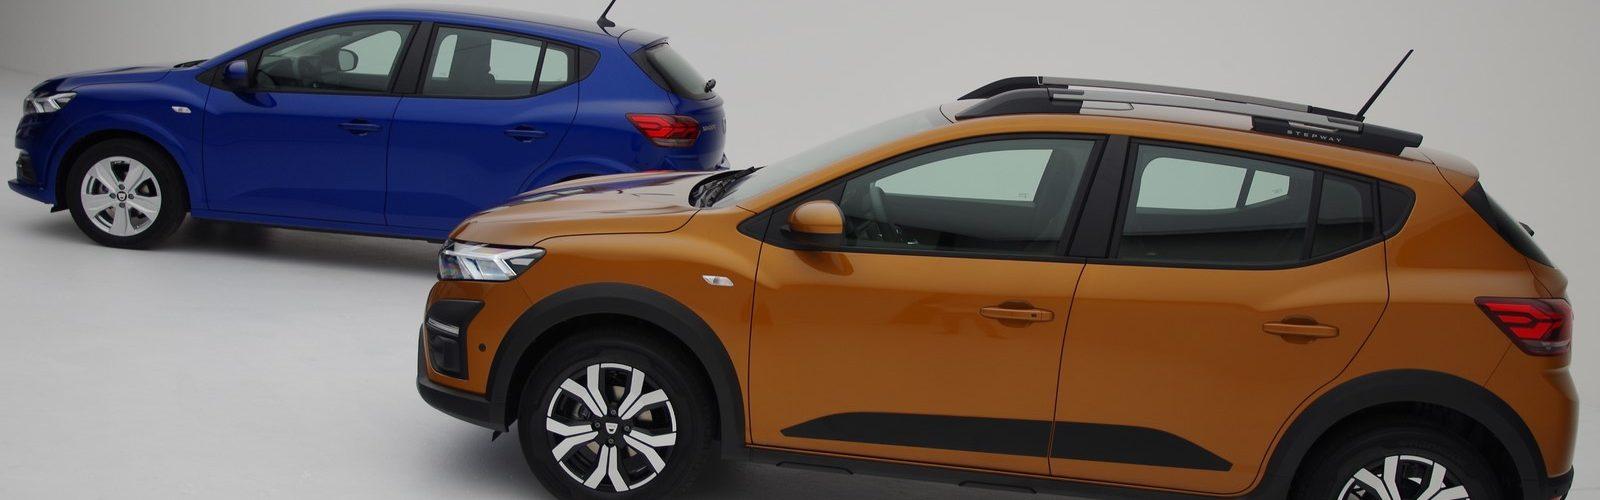 Dacia Sandero et Dacia Sandero Stepway